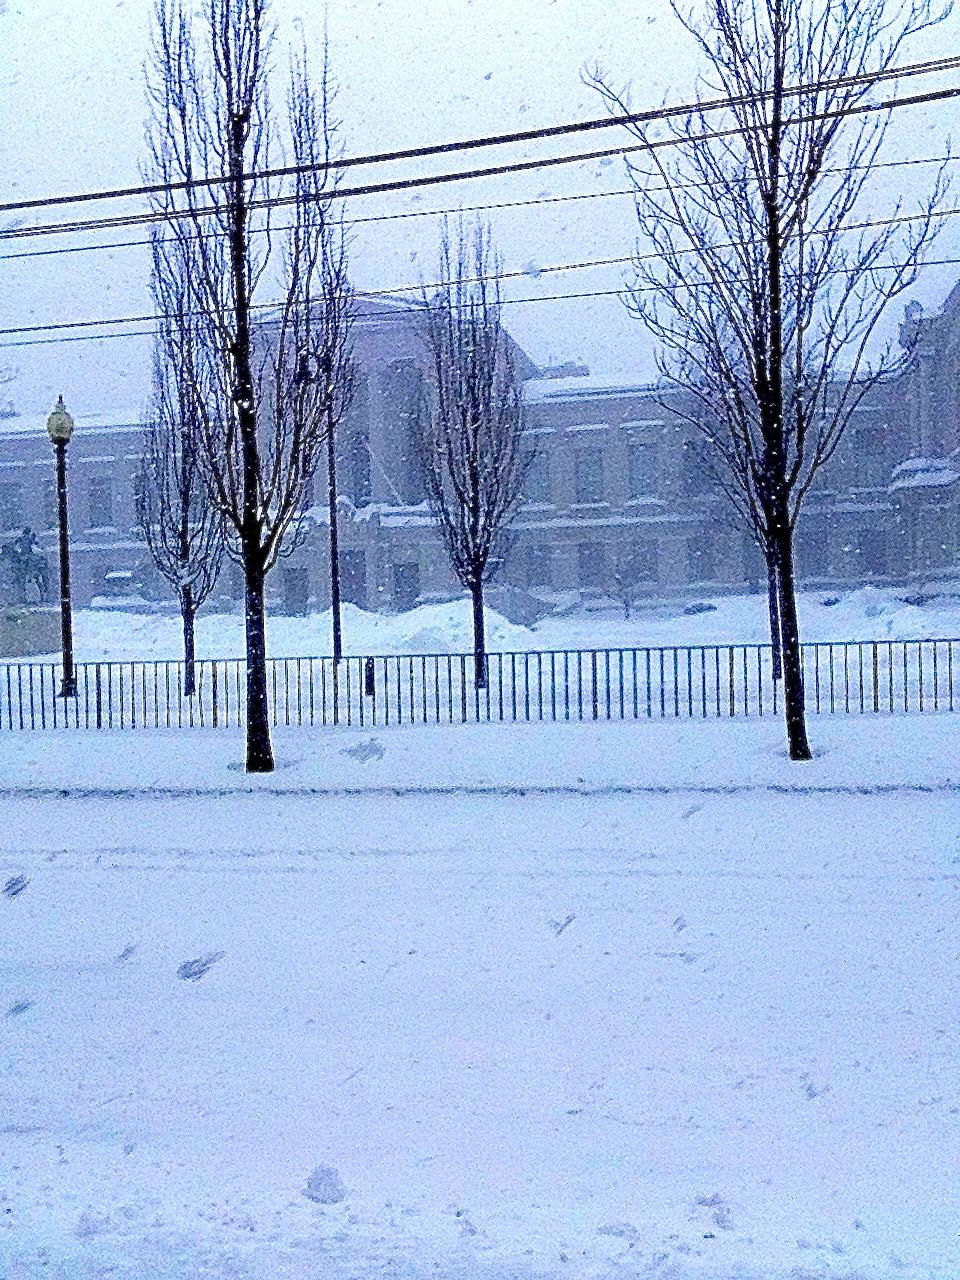 Boston MFA in snow